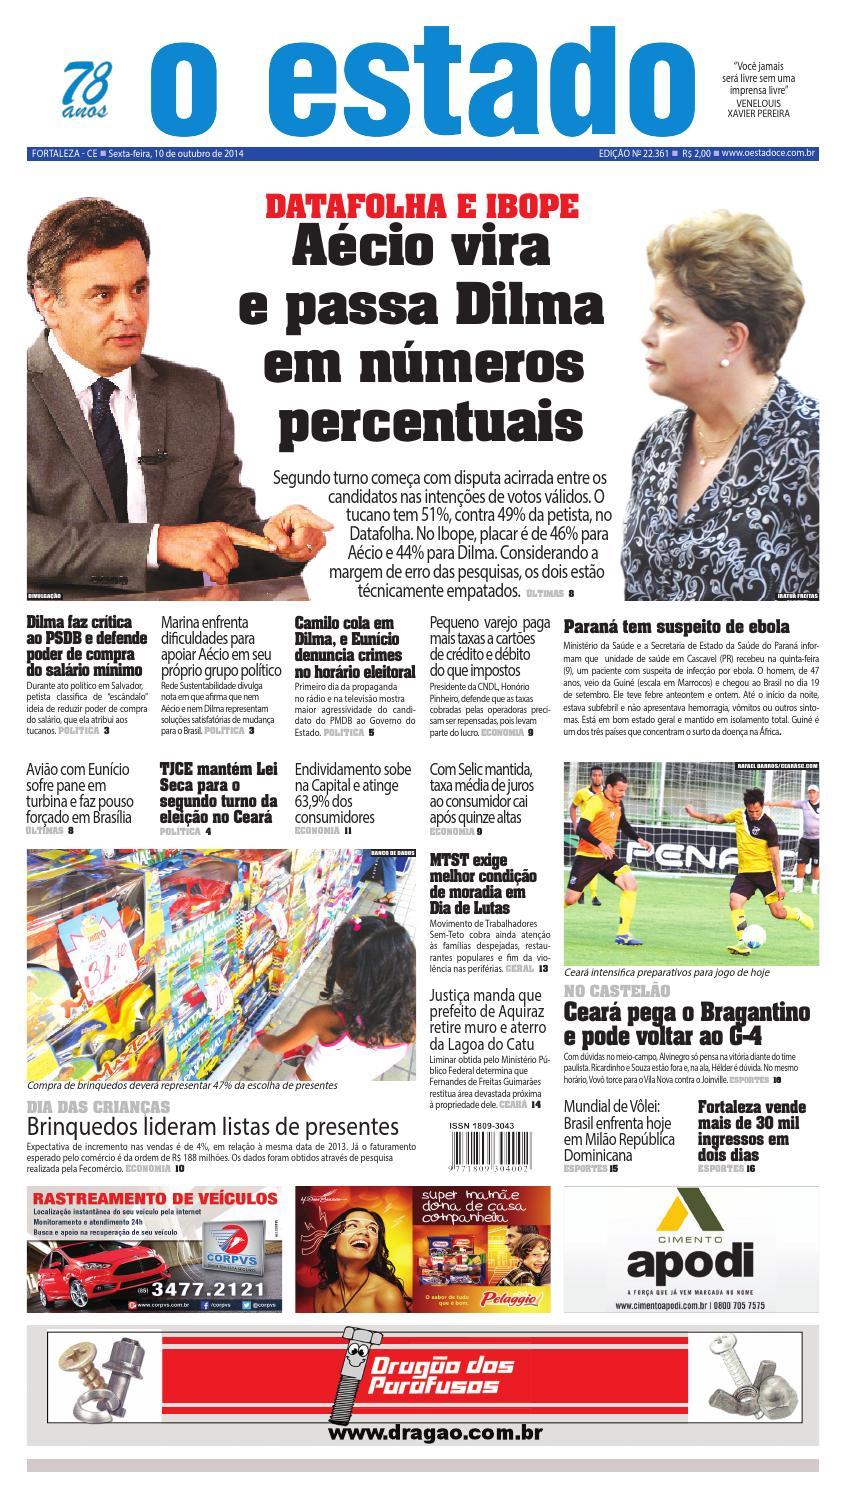 Edição 22361 - 10 de outubro de 2014 by Jornal O Estado (Ceará) - issuu cd40988e2a2ee